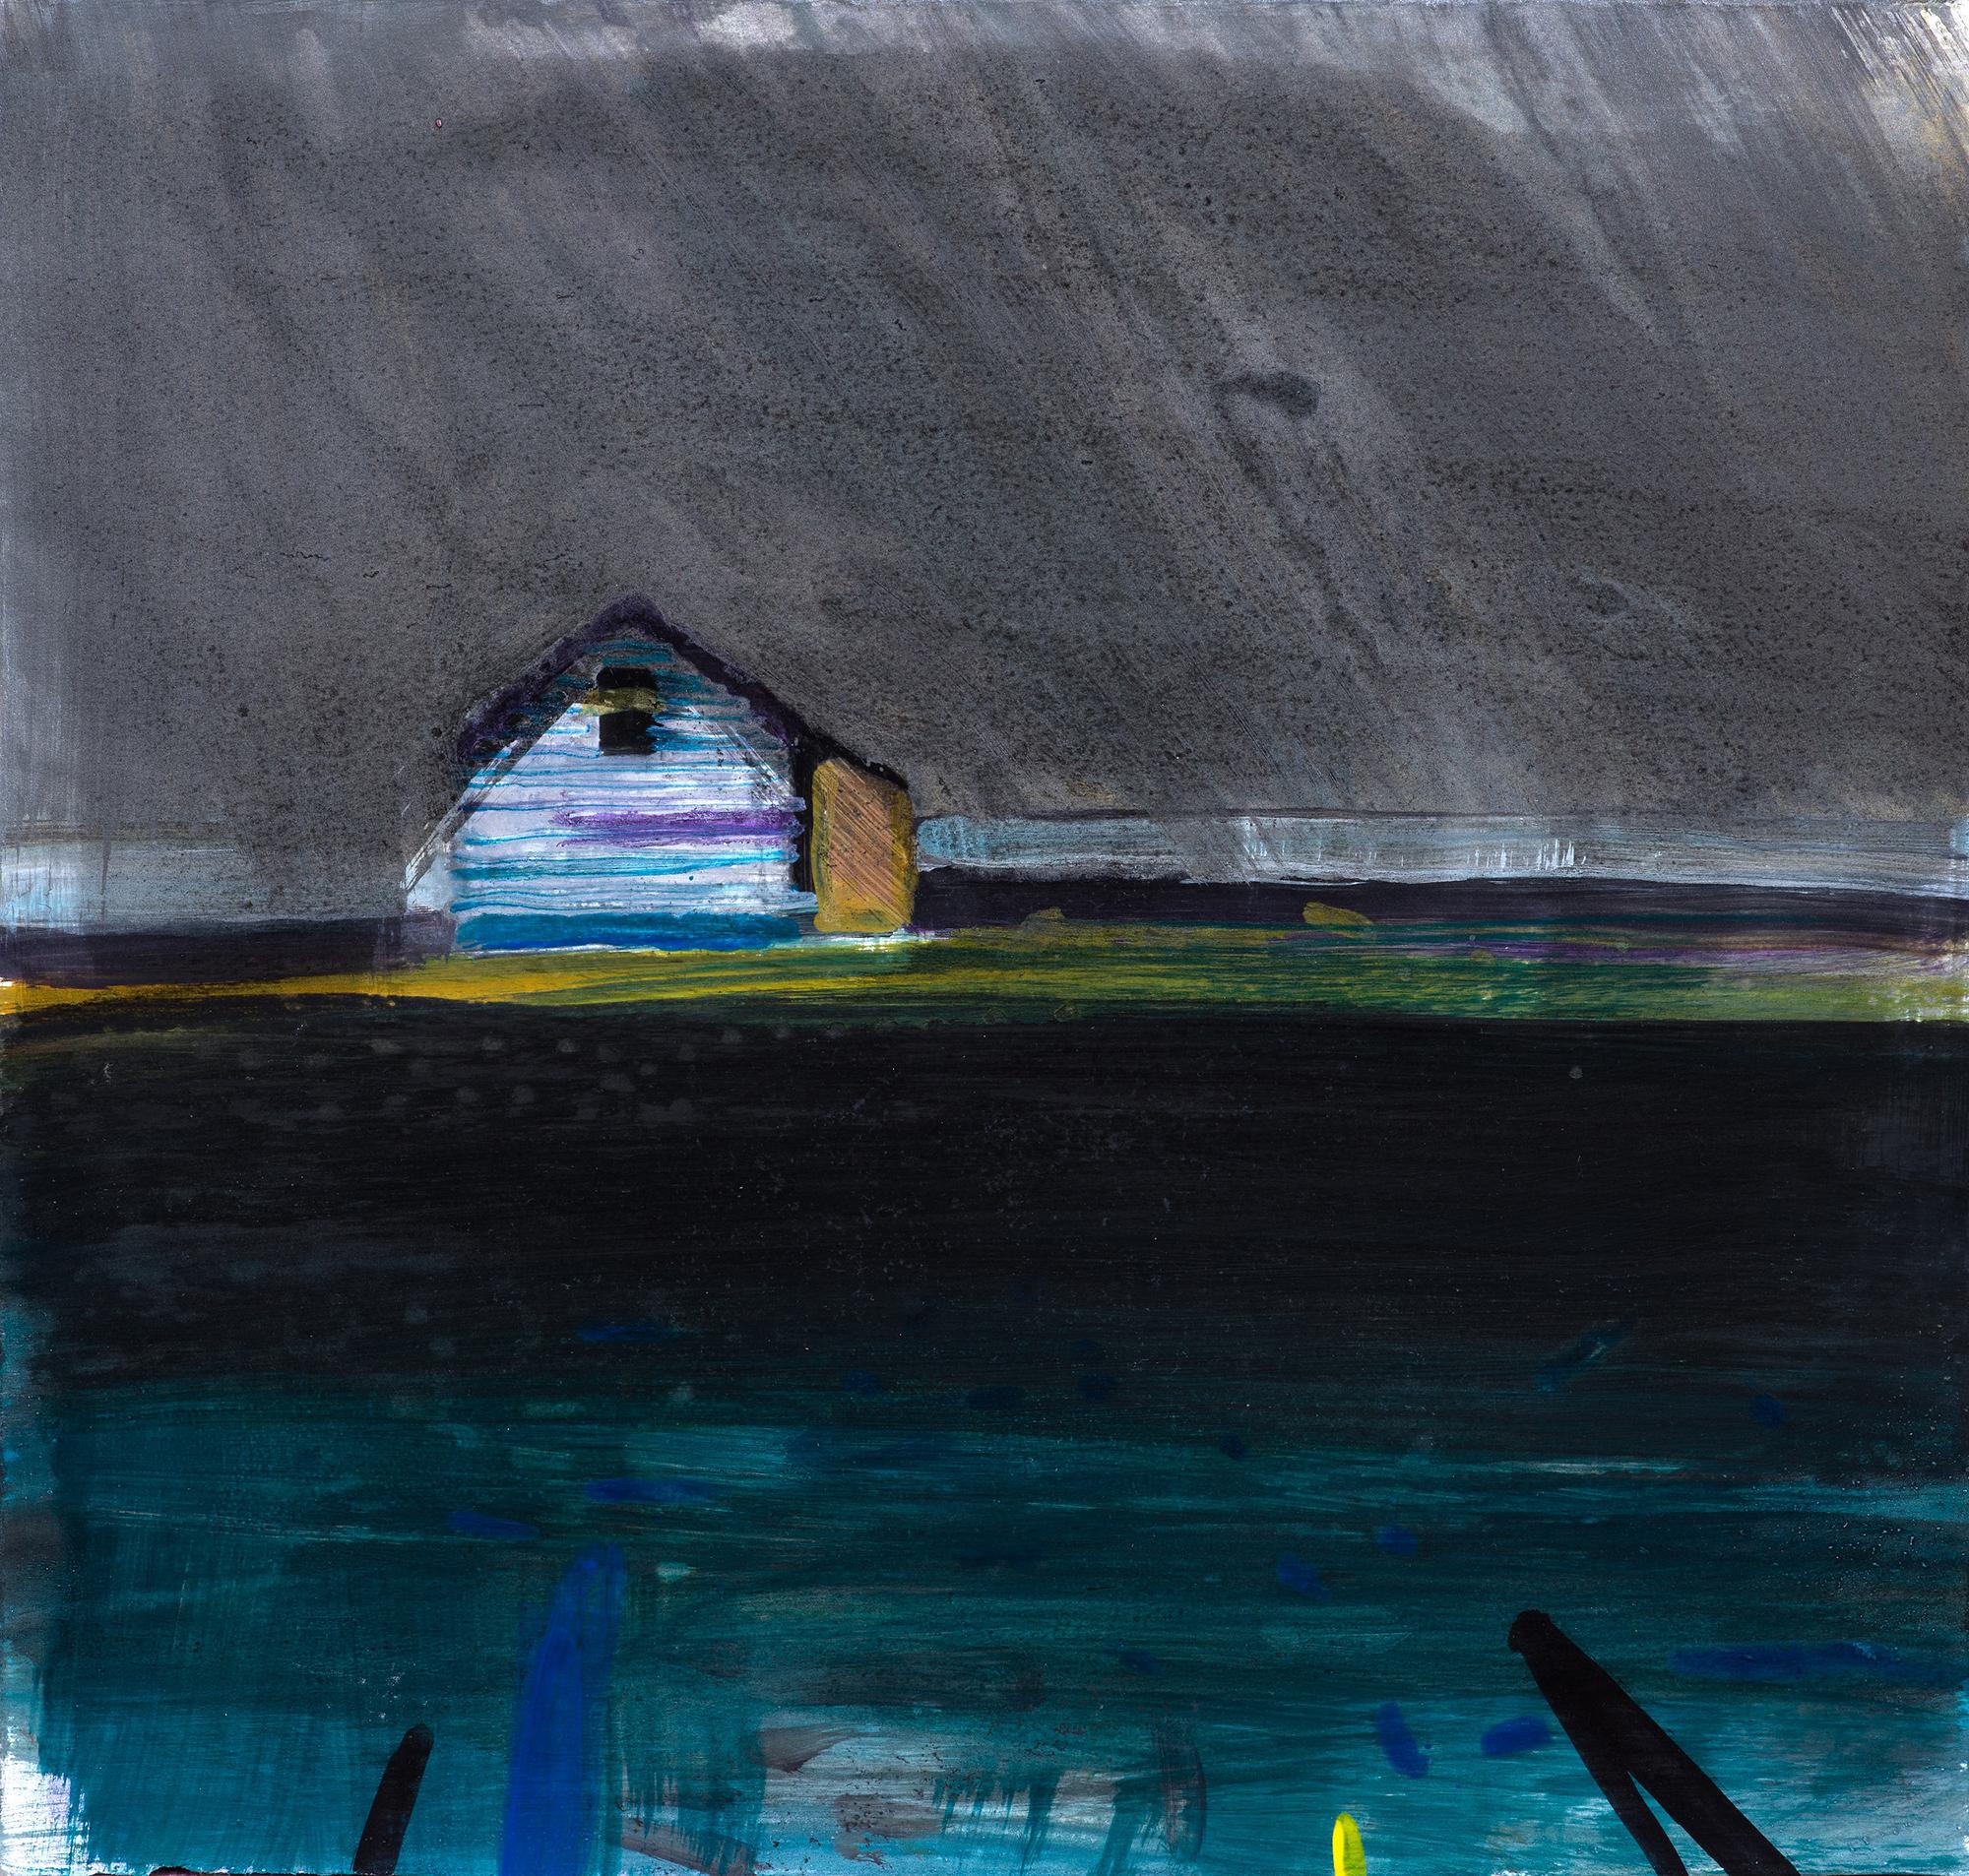 Arctic Hut – Fort Ross